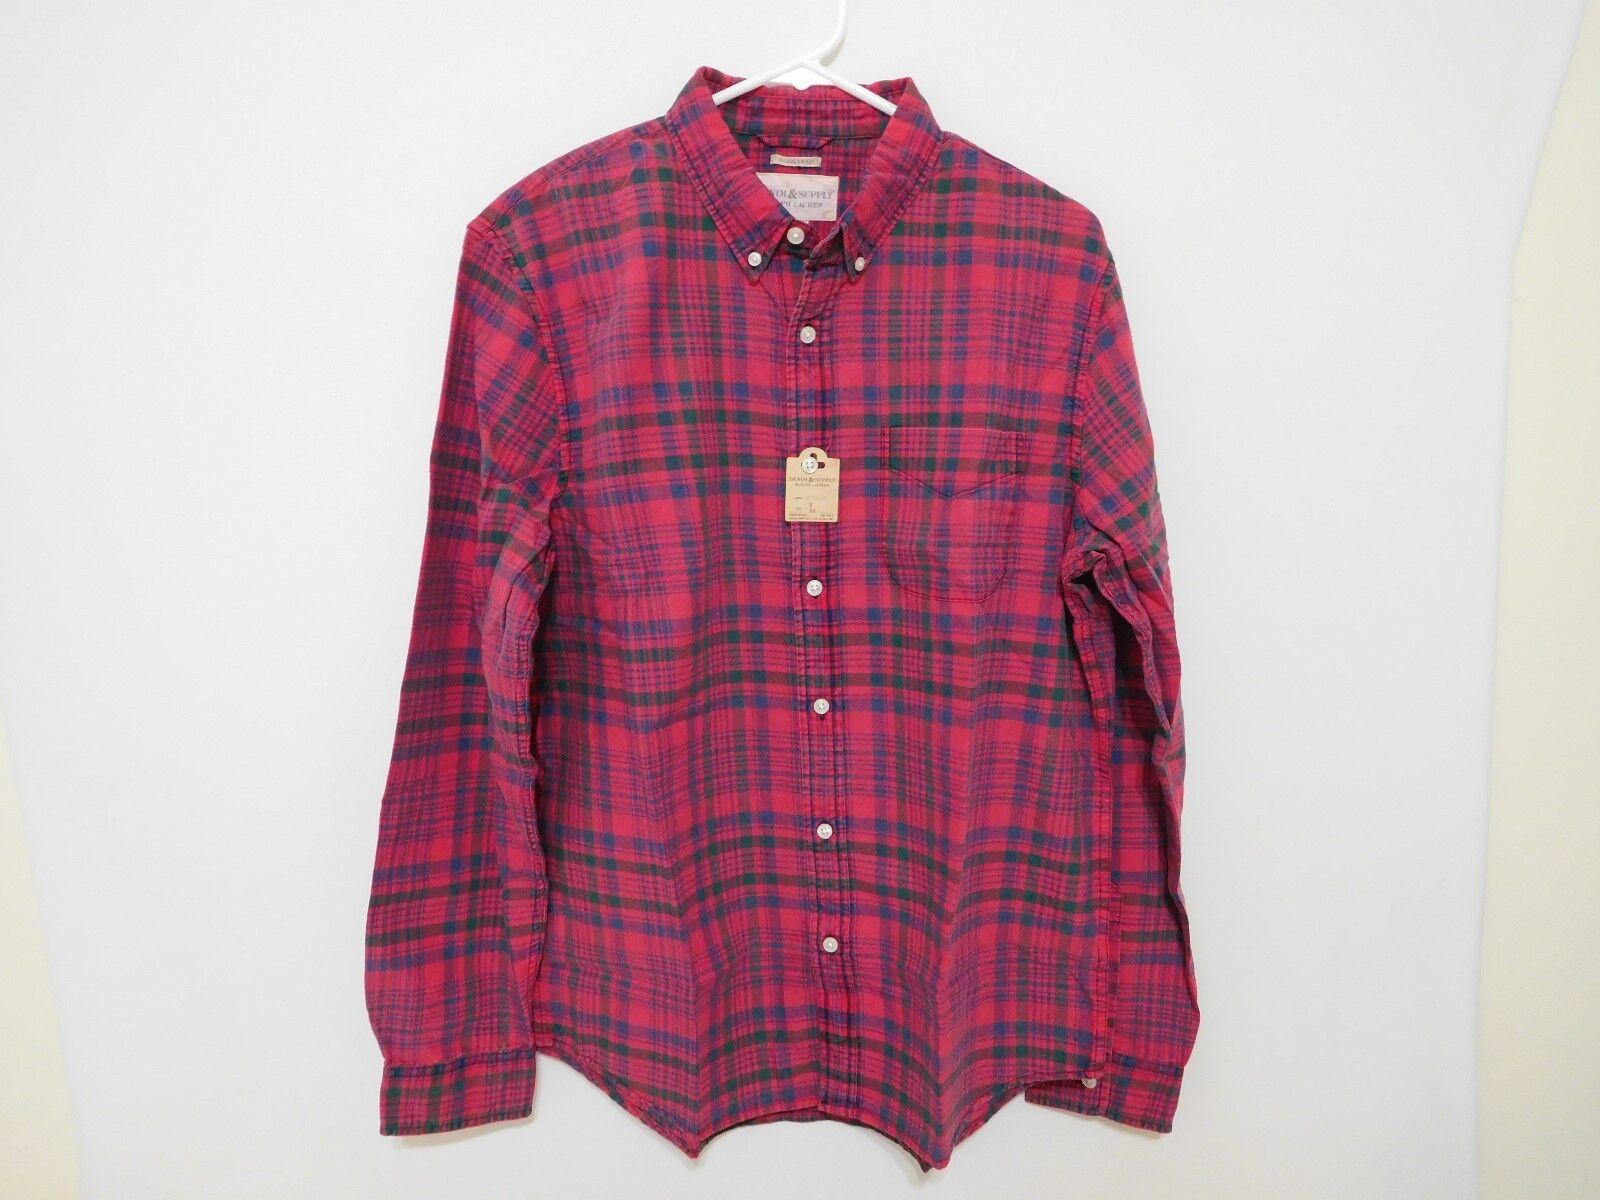 Ralph Lauren Men ROT Plaid Cotton Oxford Shirt -  Large L NEW